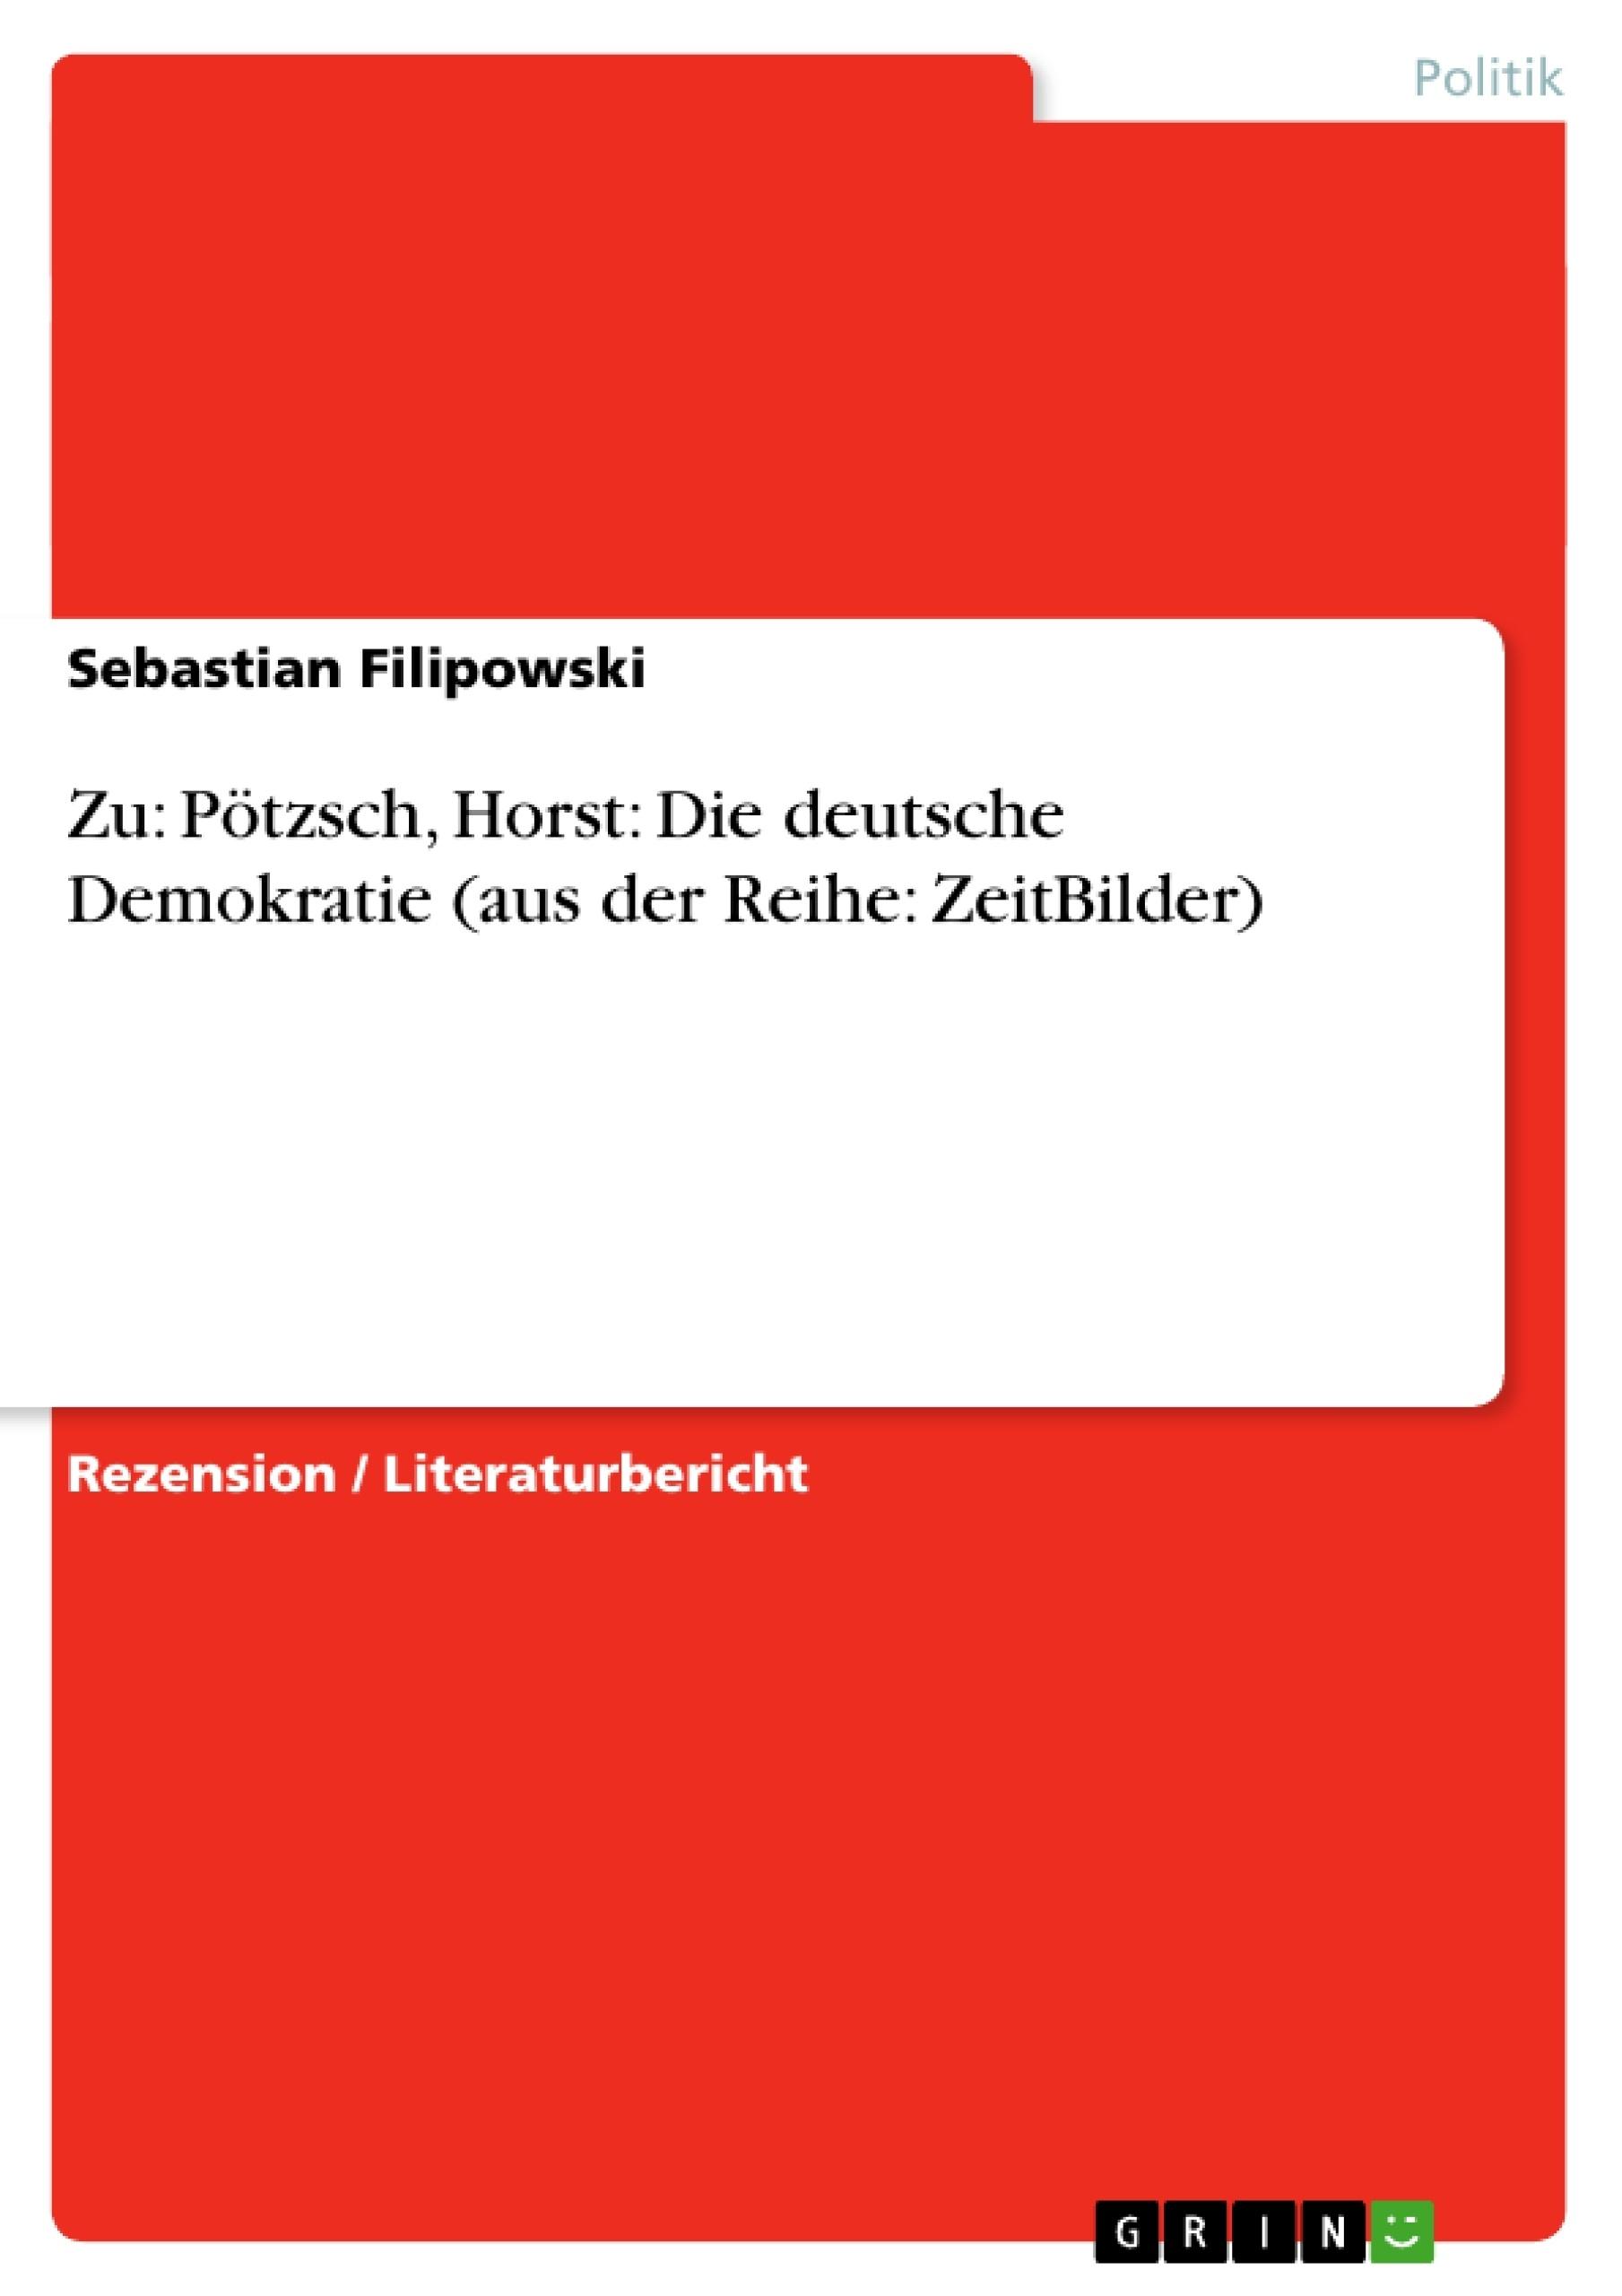 Titel: Zu: Pötzsch, Horst: Die deutsche Demokratie (aus der Reihe: ZeitBilder)